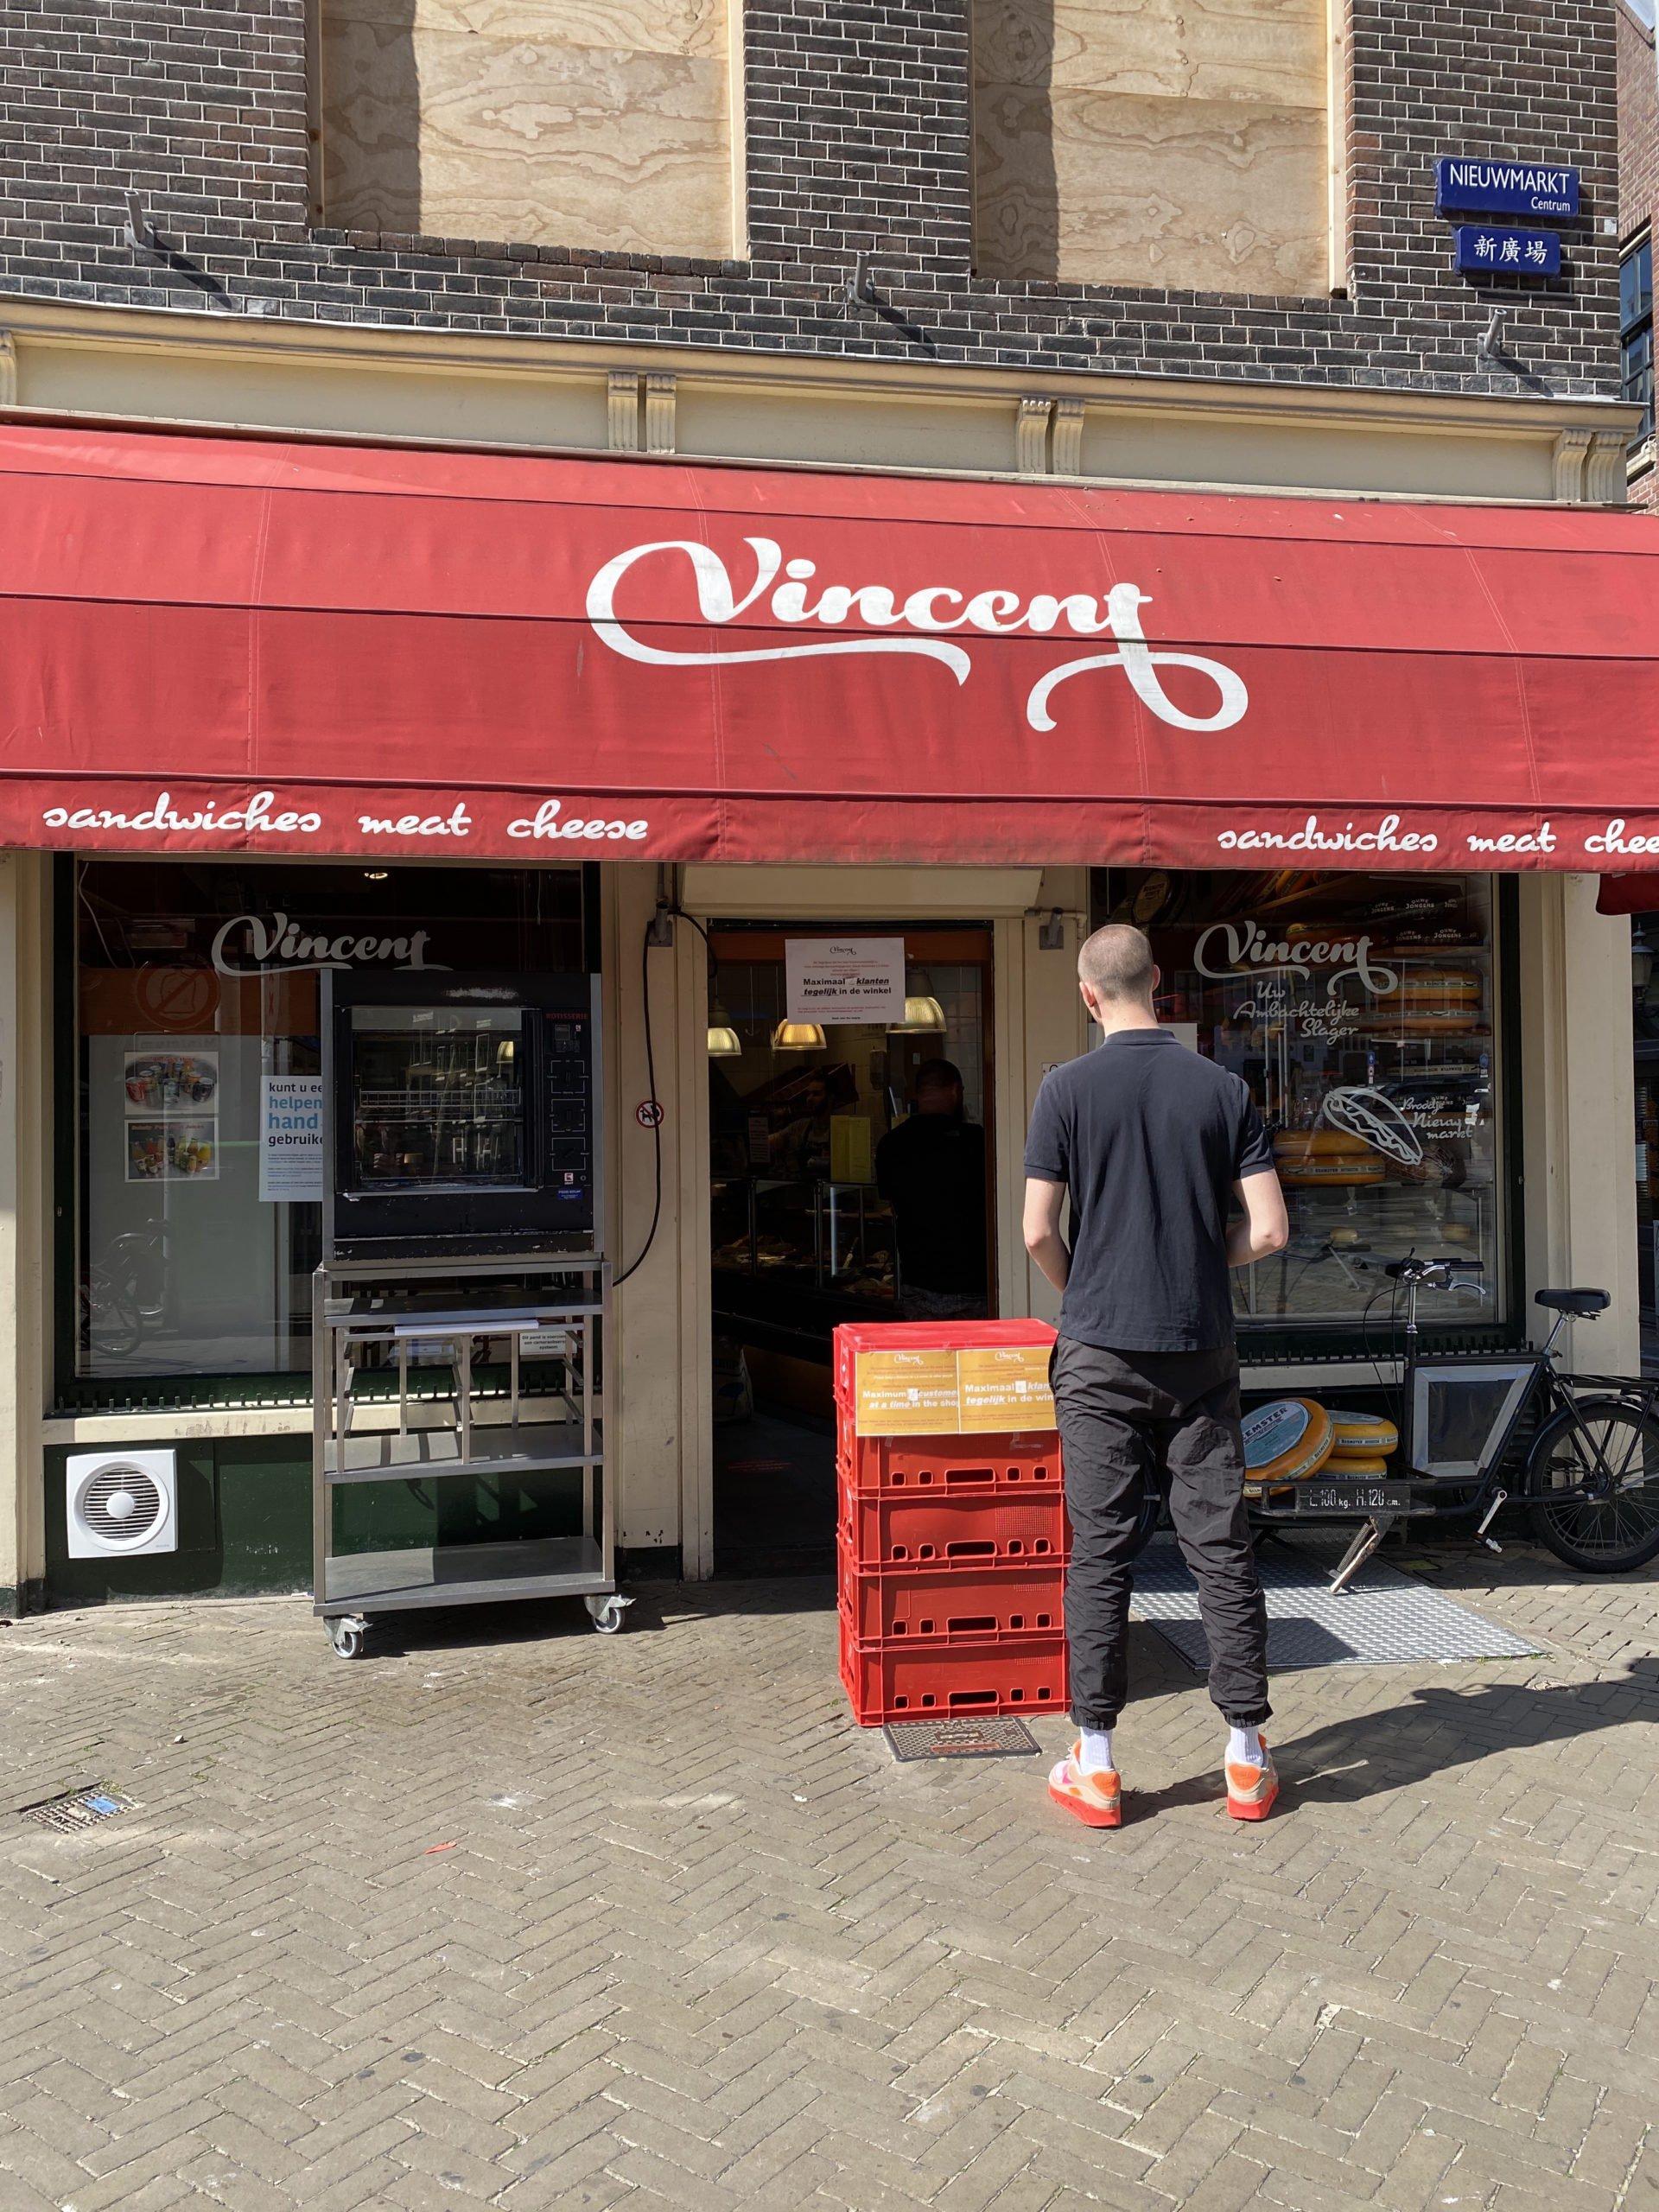 Vincent Nieuwmarkt